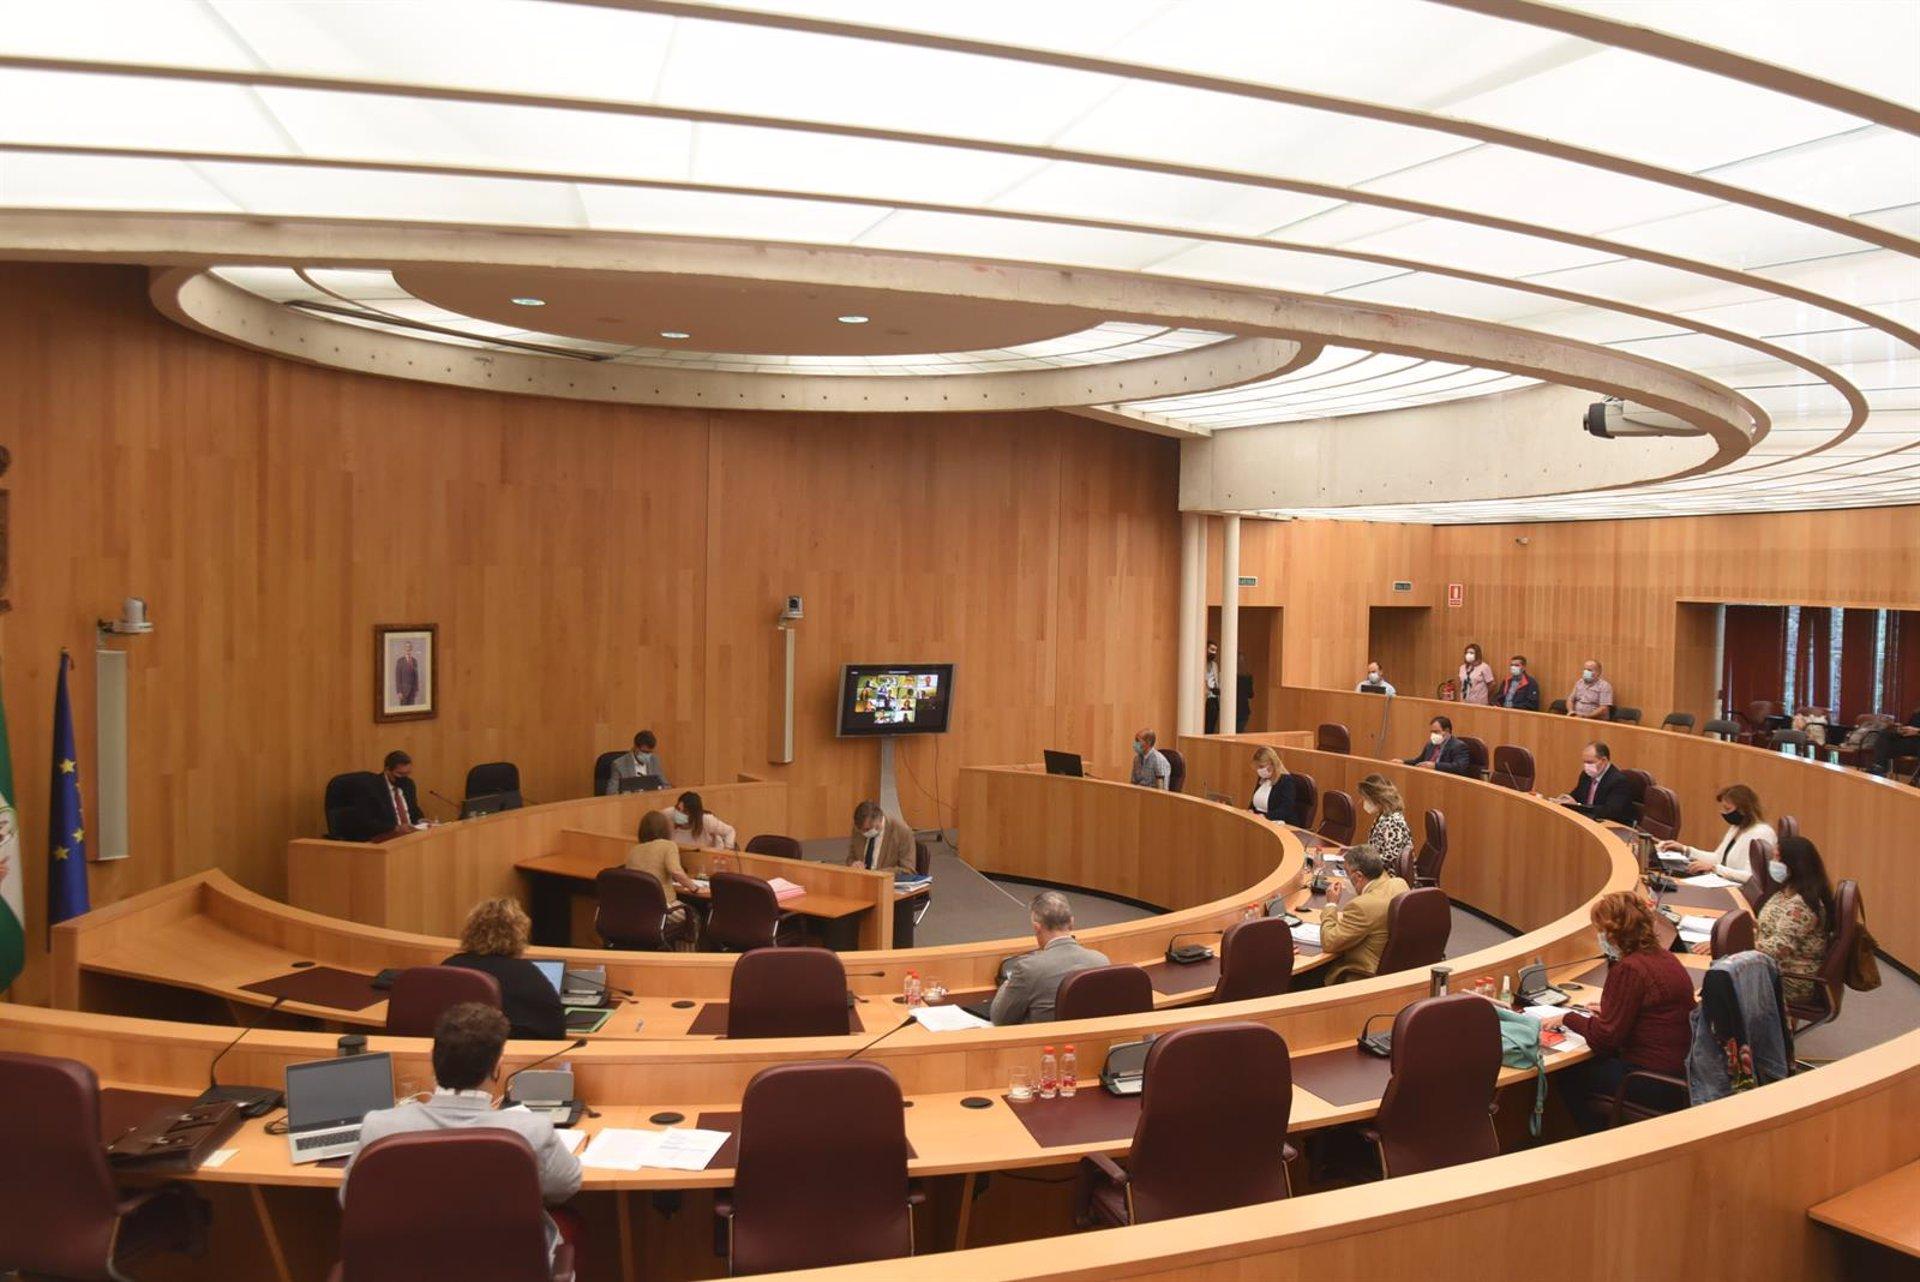 El PP critica la asistencia presencial de Entrena al Pleno de Diputación tras «contacto» con el alcalde